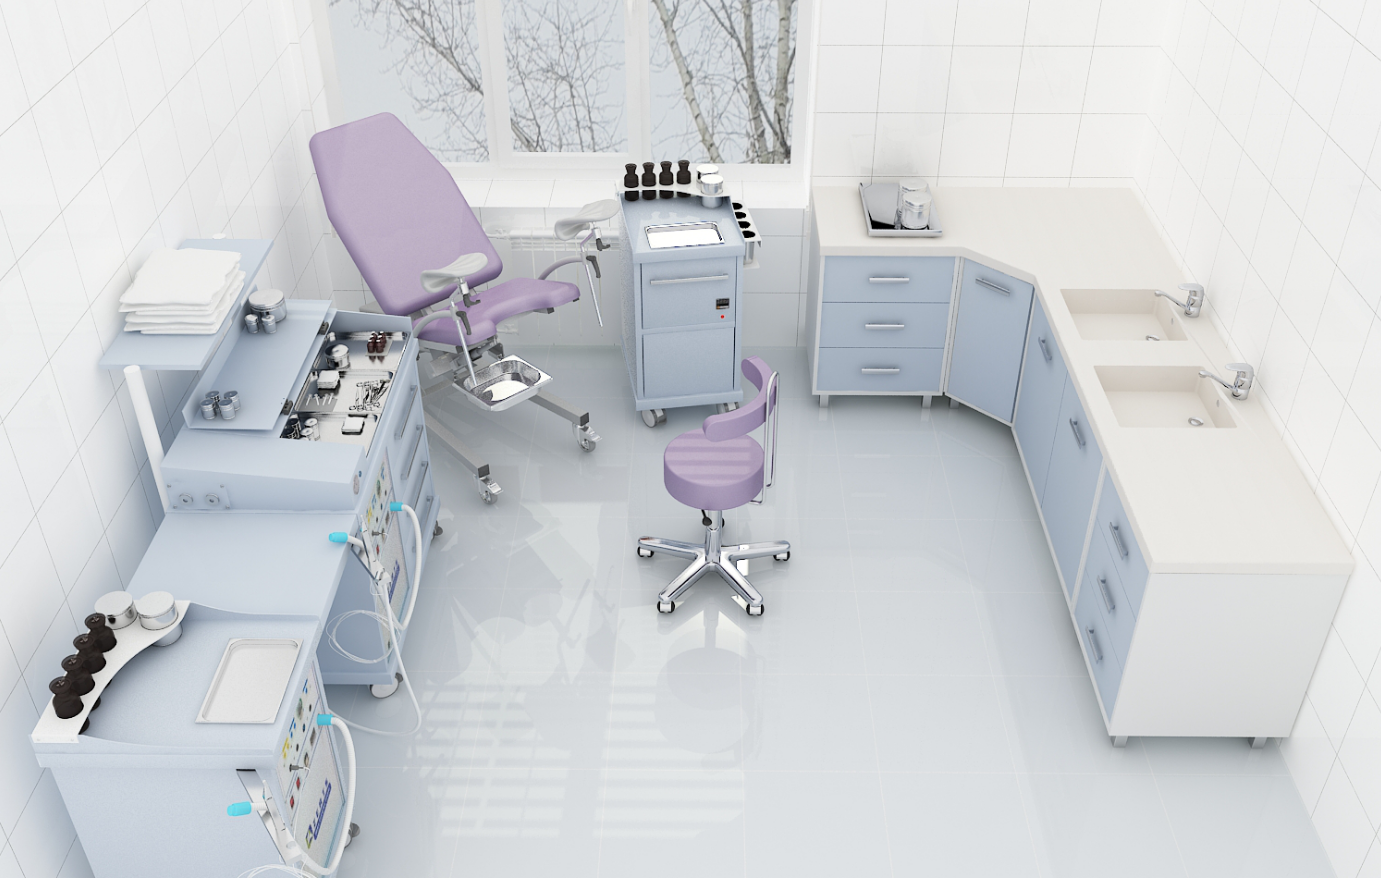 Бизнес-идея открытия гинекологического кабинета